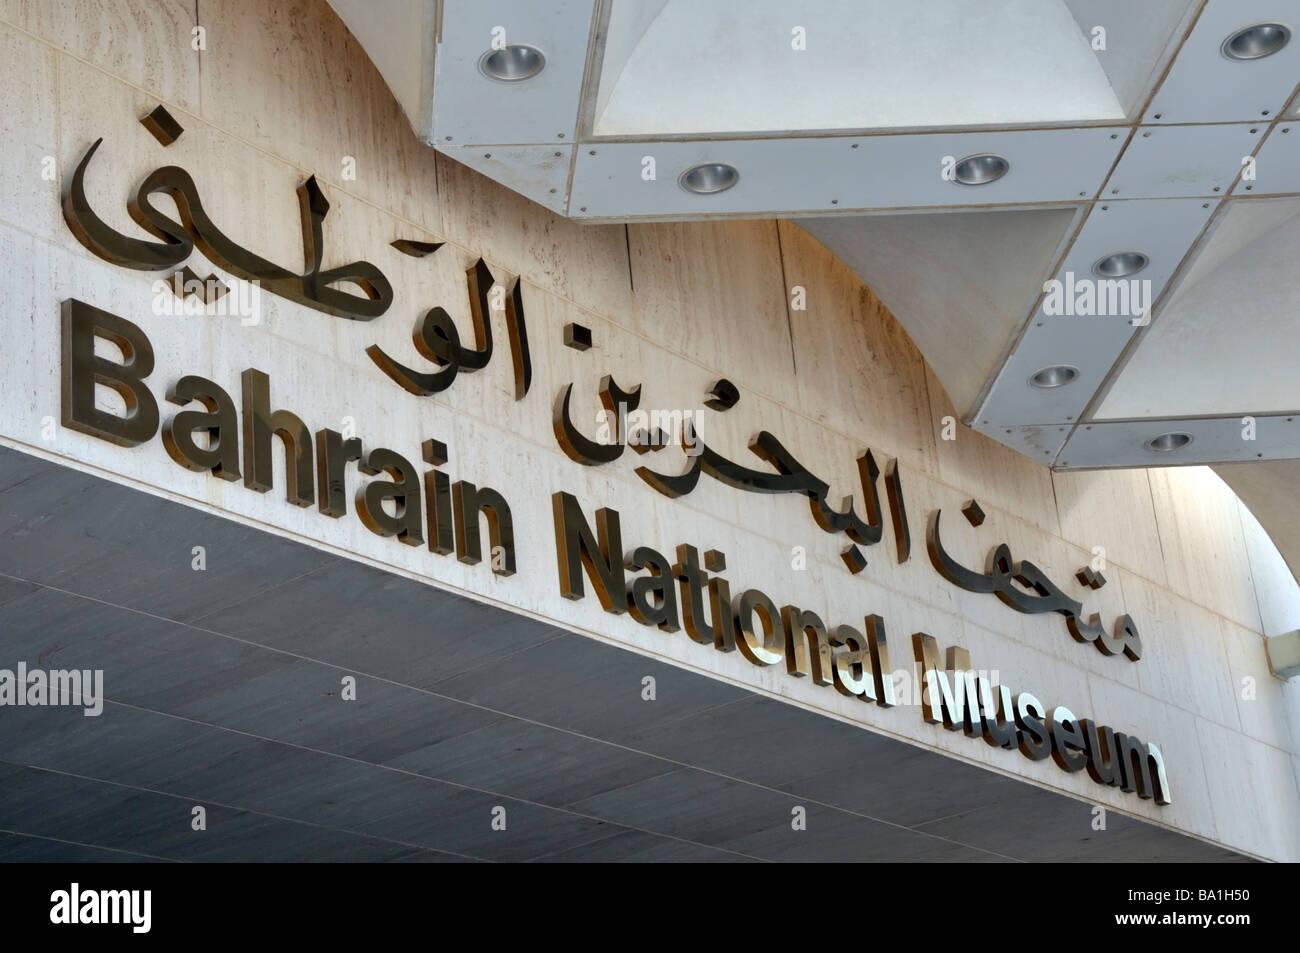 Bahrein signo bilingüe por encima de la entrada al Museo Nacional de Bahrein Imagen De Stock